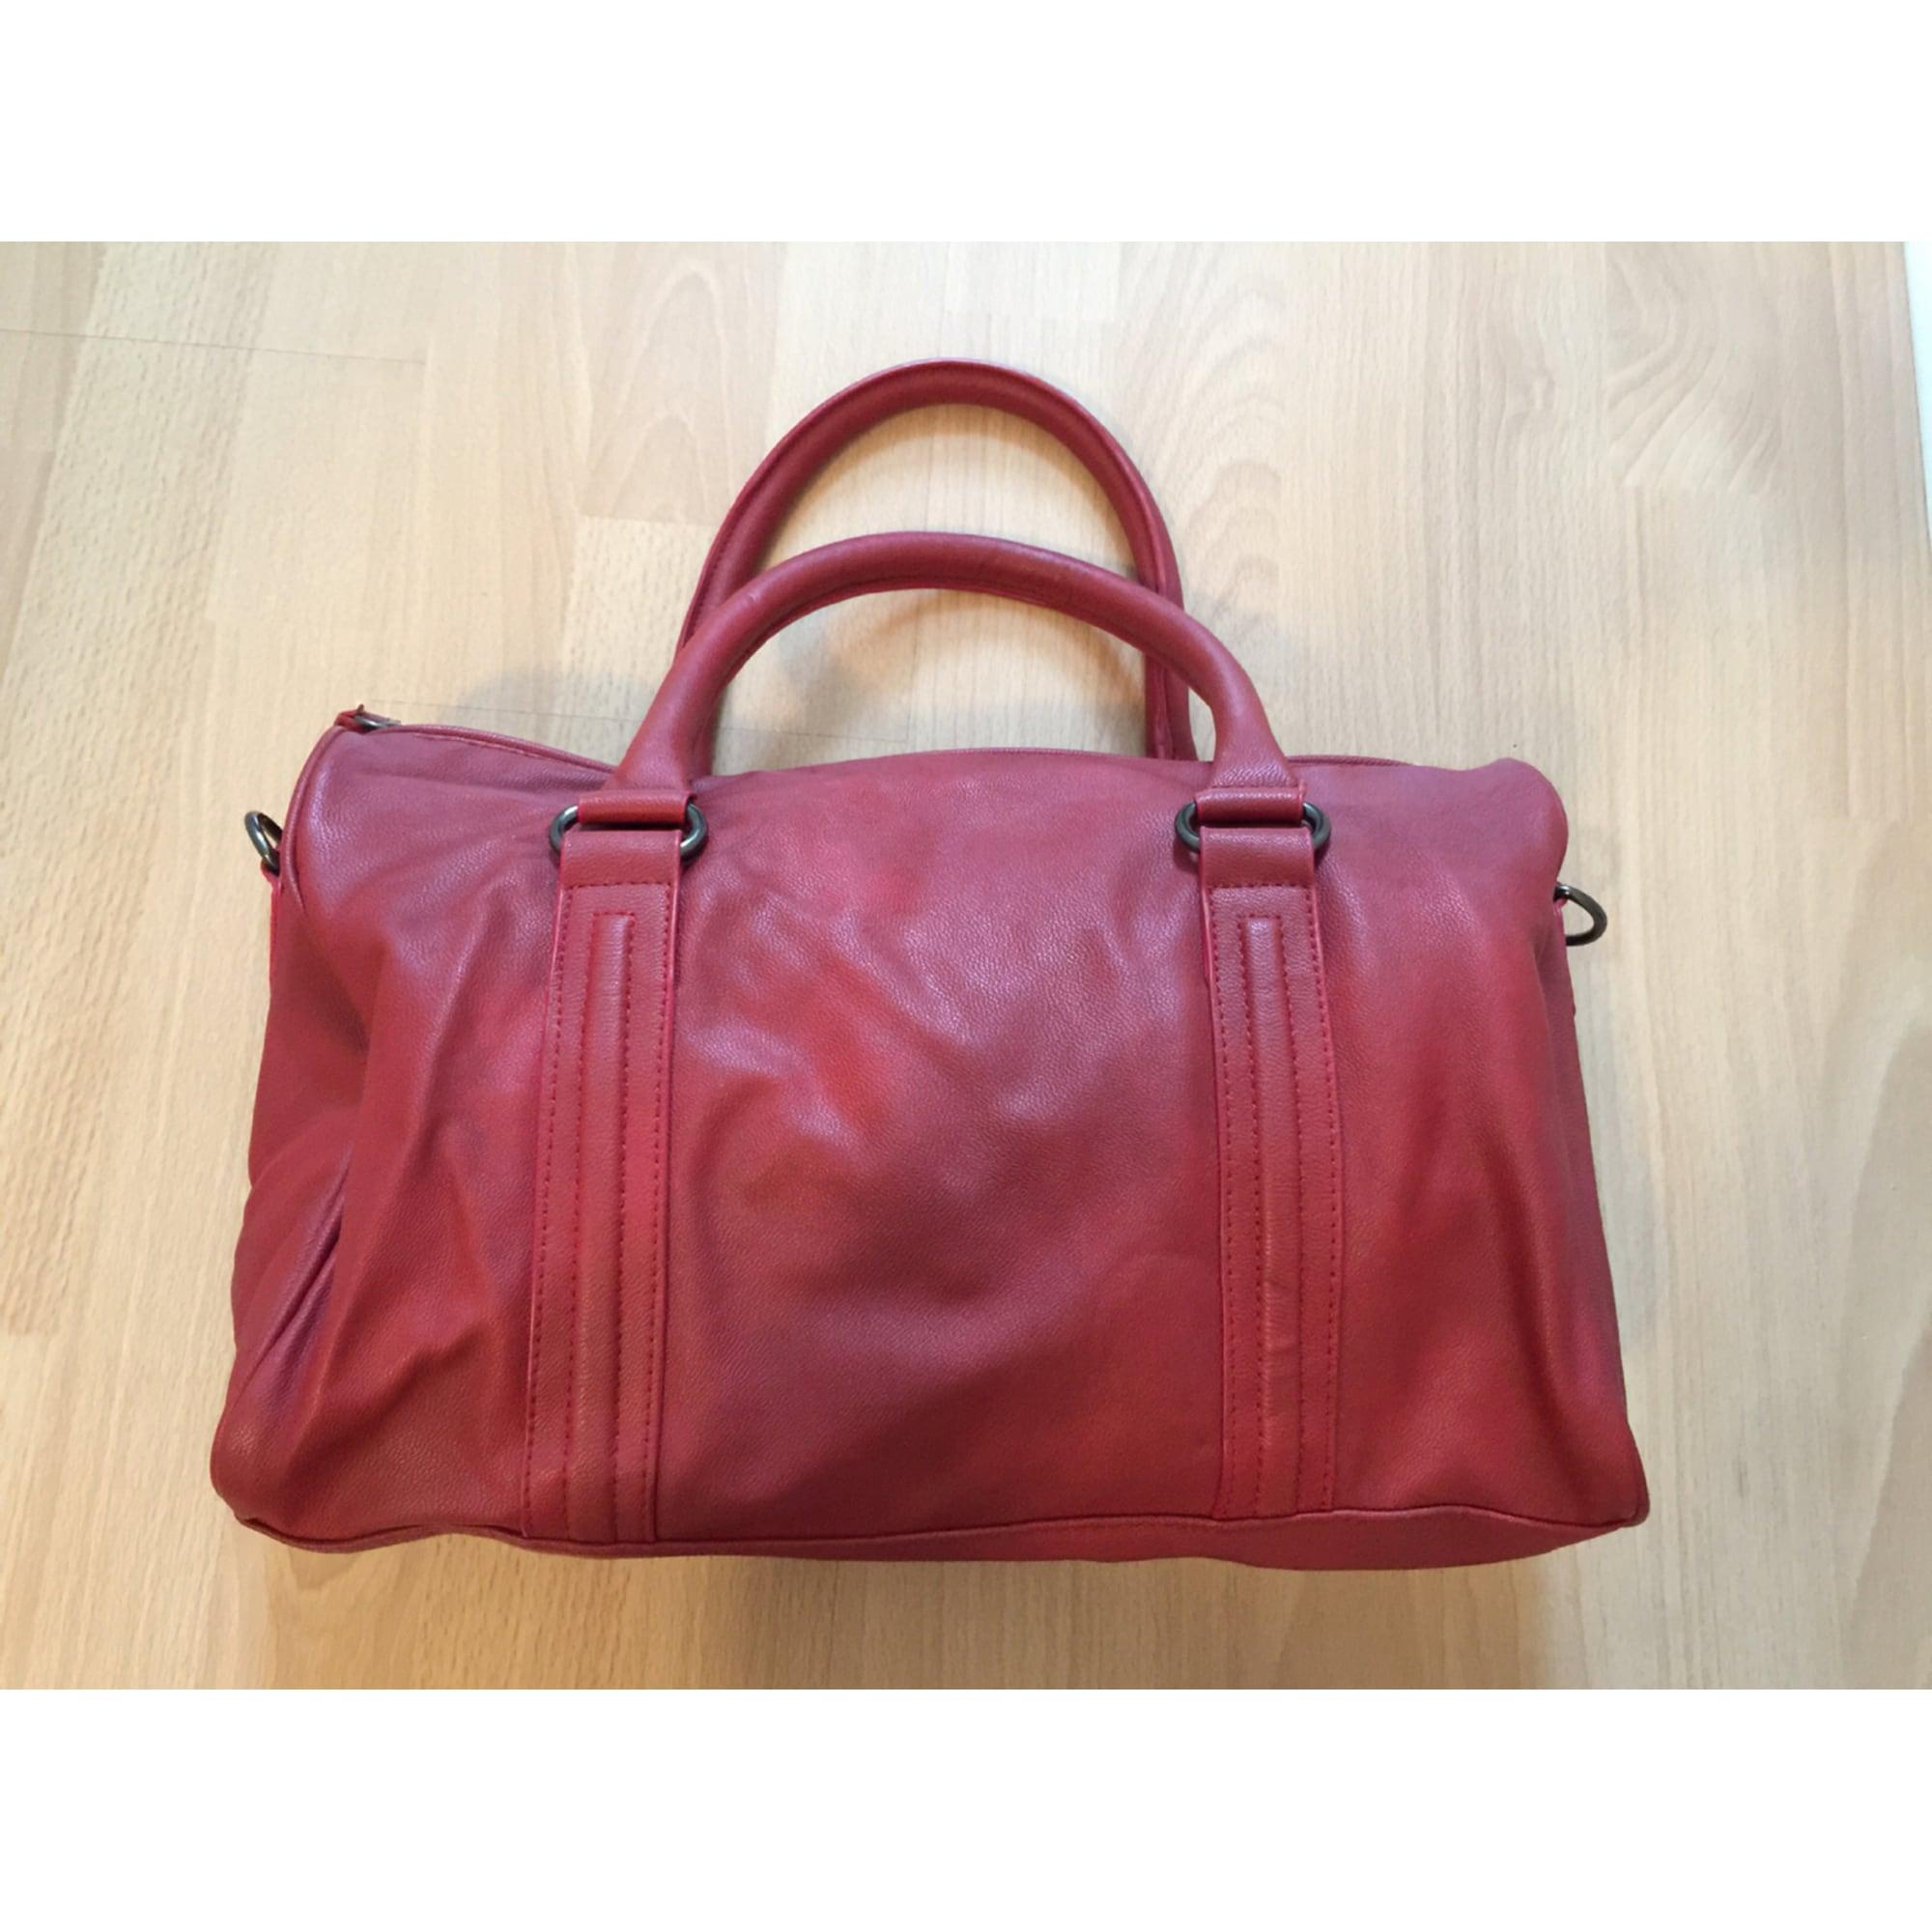 en Victoria Sac main à rouge MINELLI vendu 5652207 par 99282706 cuir qwwrEn8x